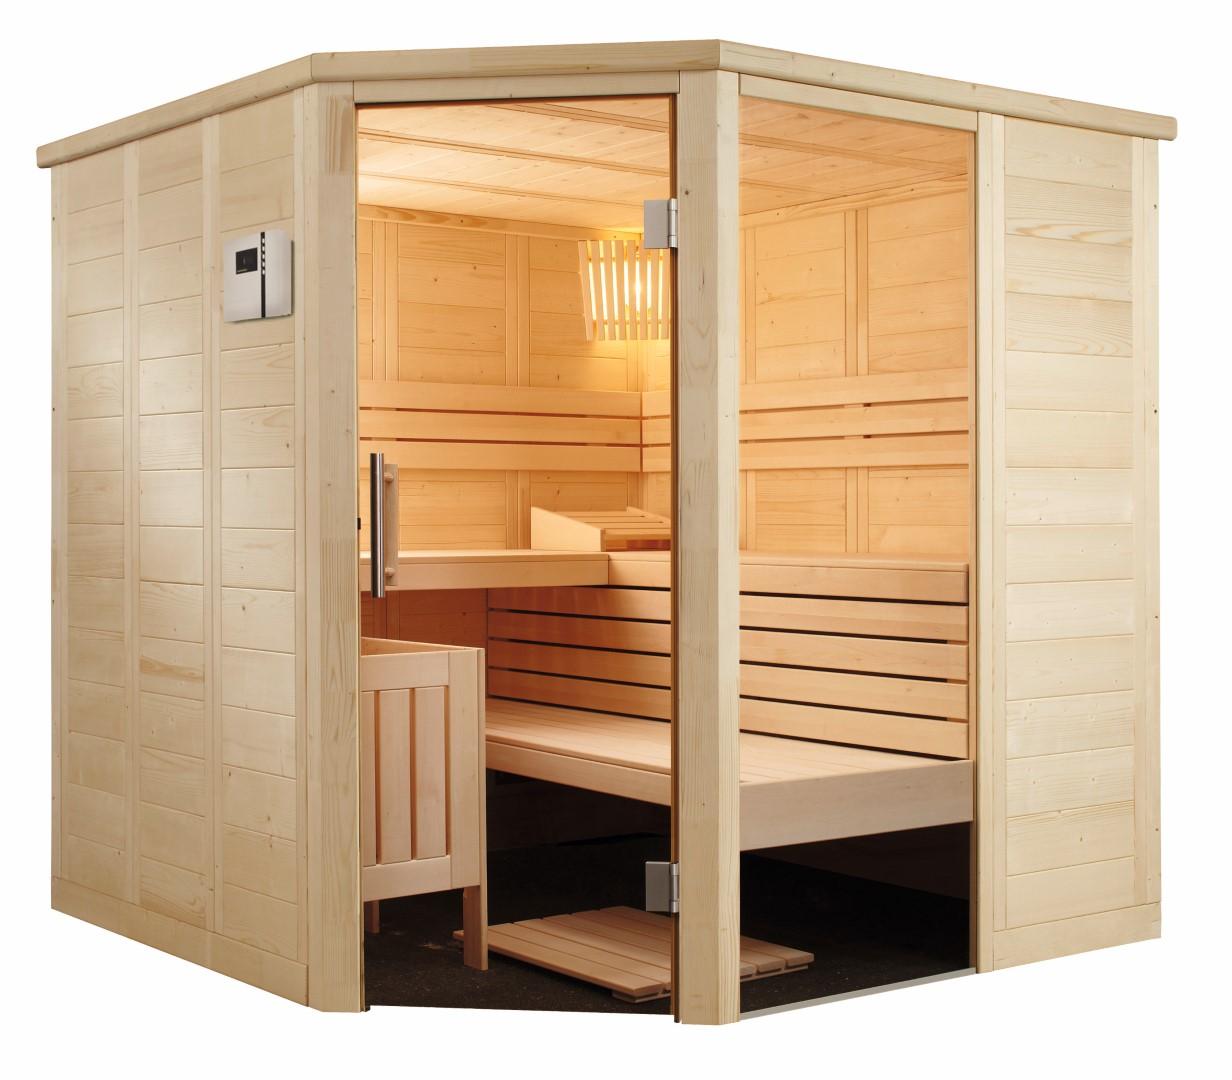 Full Size of Sauna Selber Bauen Bausatz 40407 Boxspring Bett 140x200 Pool Im Garten Kopfteil Küche Fenster Einbauen Kosten Einbauküche Rolladen Nachträglich Neue Wohnzimmer Sauna Selber Bauen Bausatz